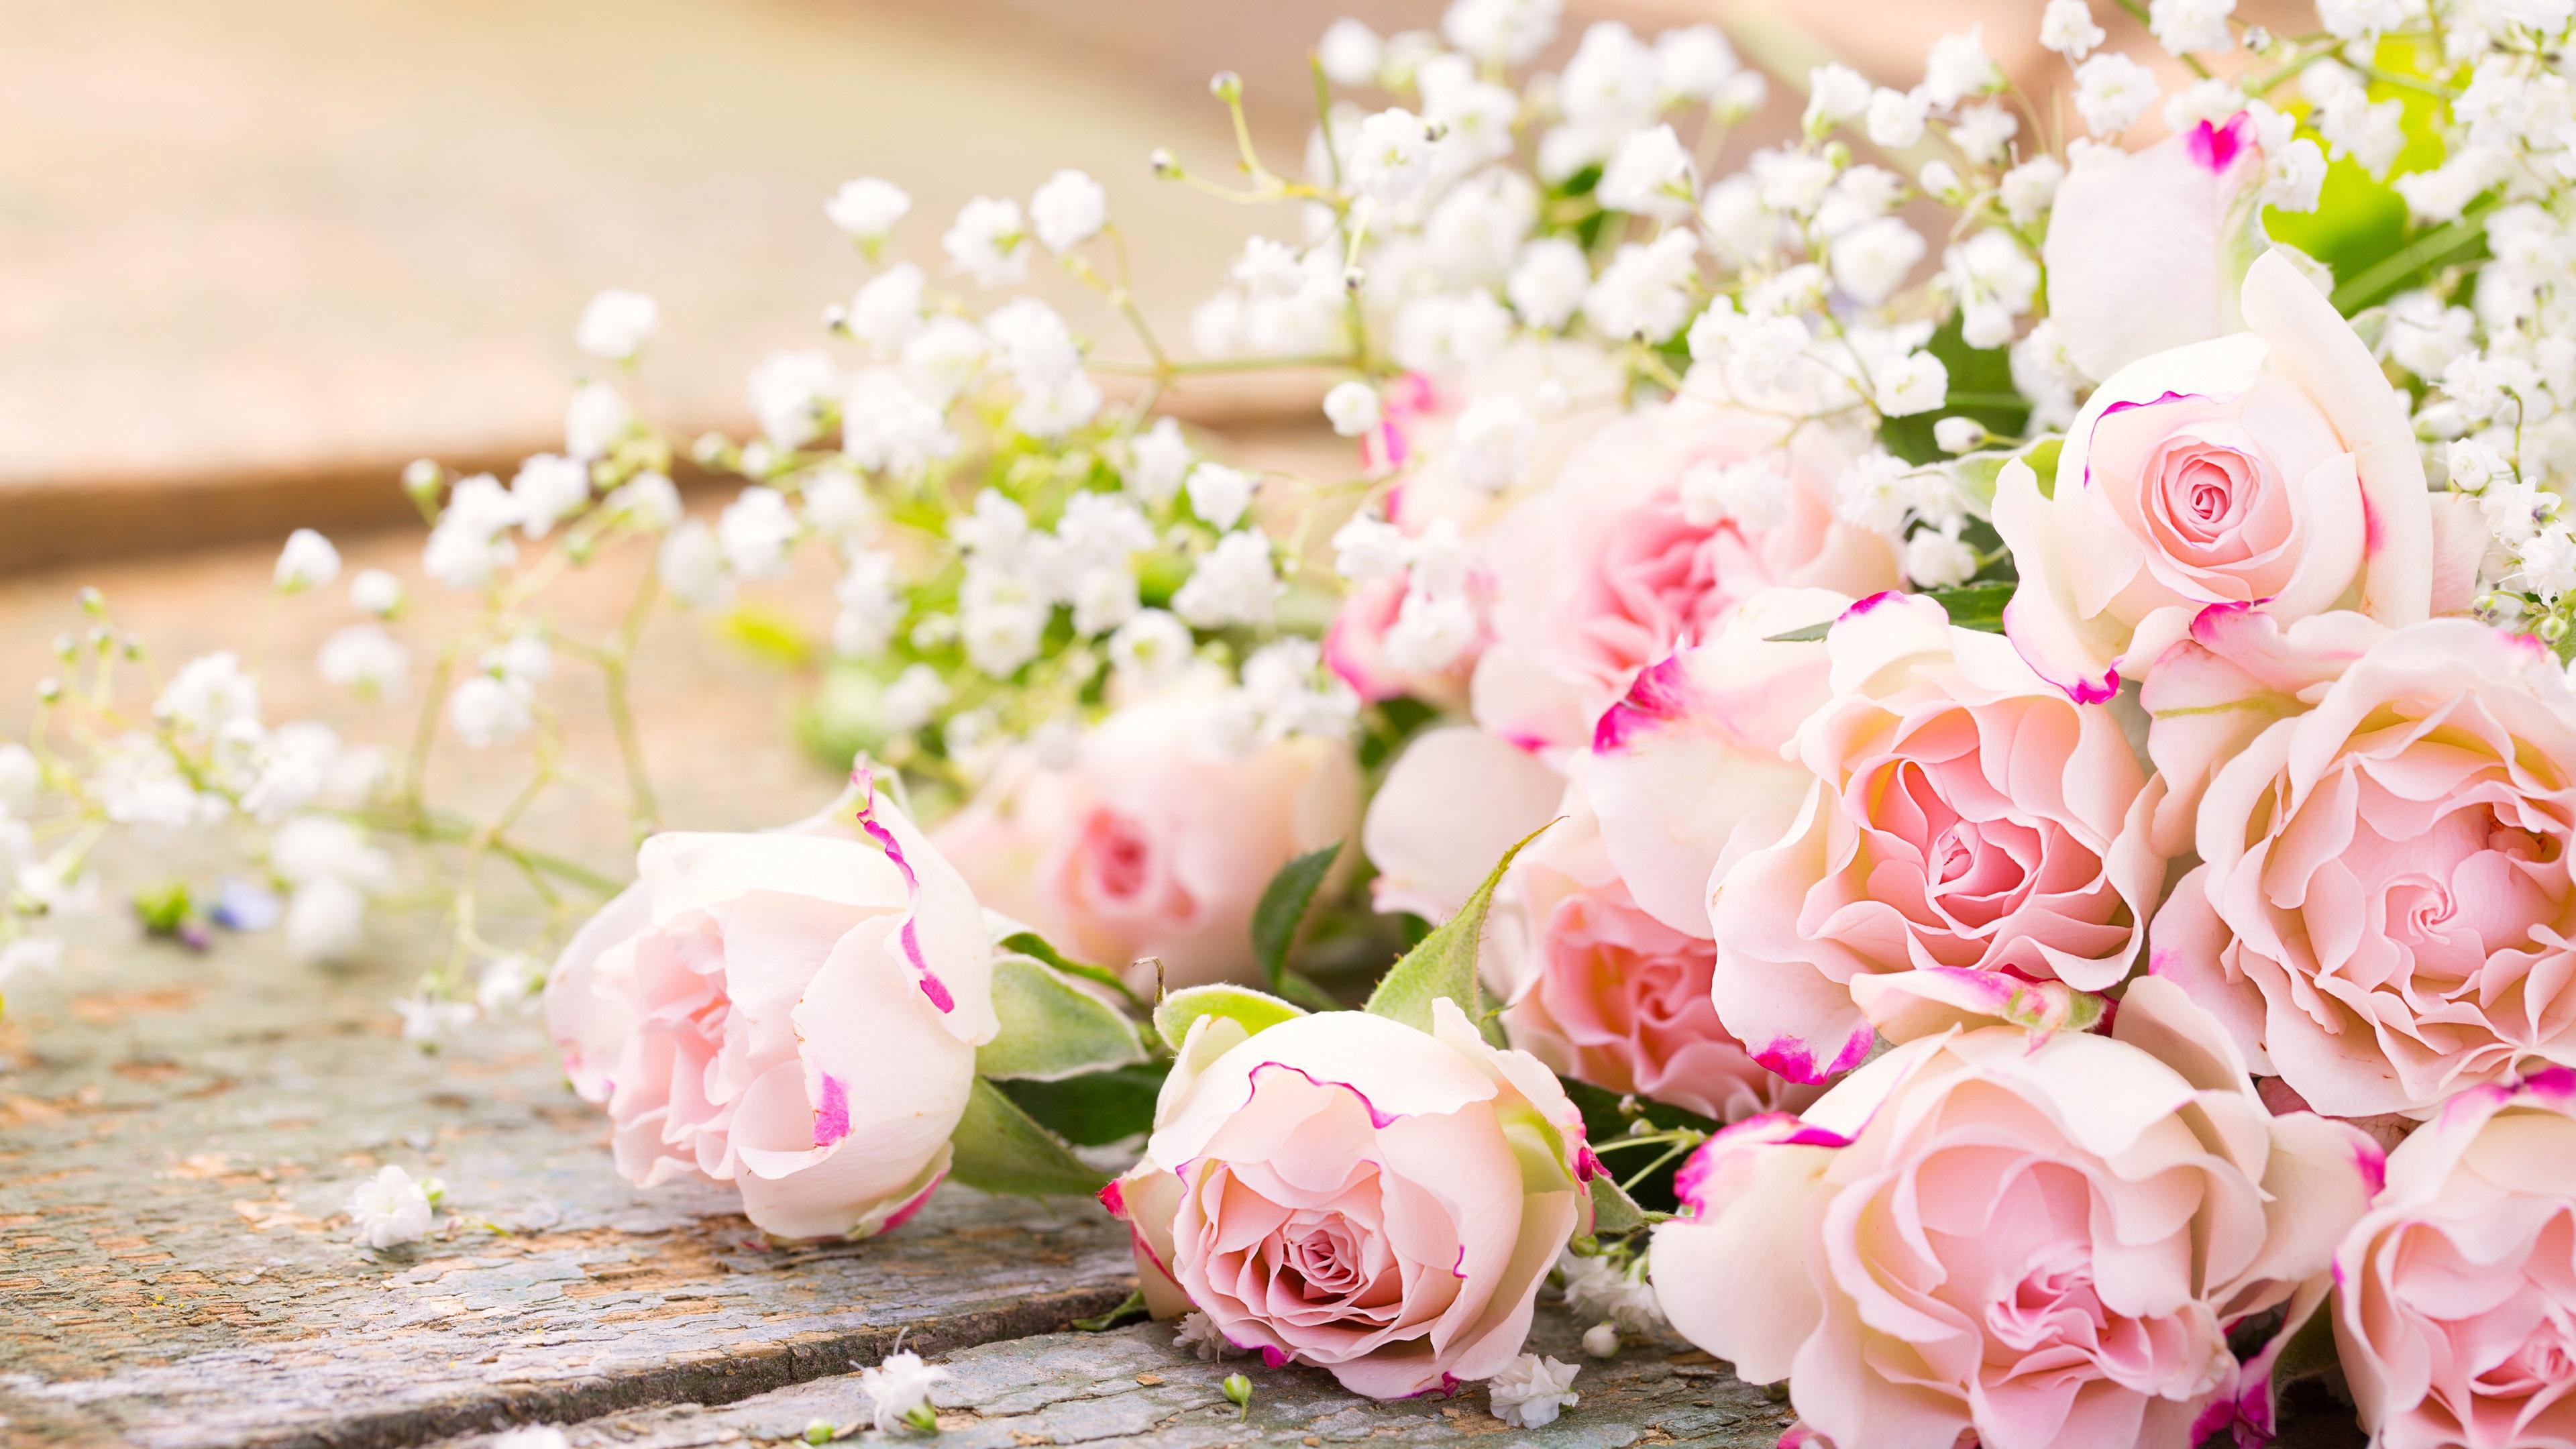 член открытка с нежно розовыми цветами происхождения яблони белый